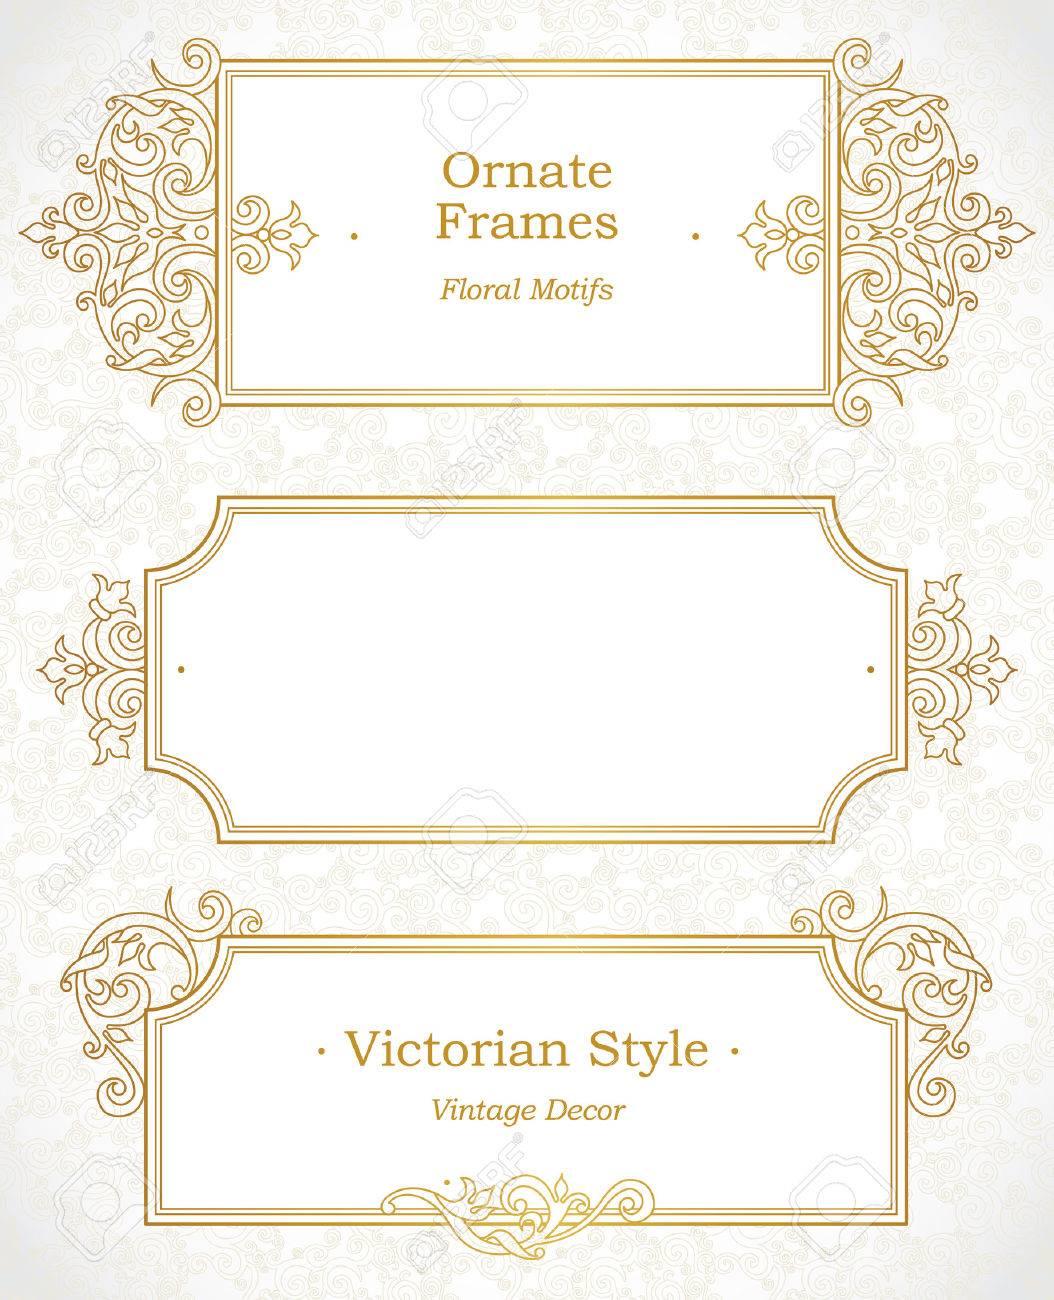 Vector Marco Decorativo En Estilo Victoriano. Elemento De Plantilla ...